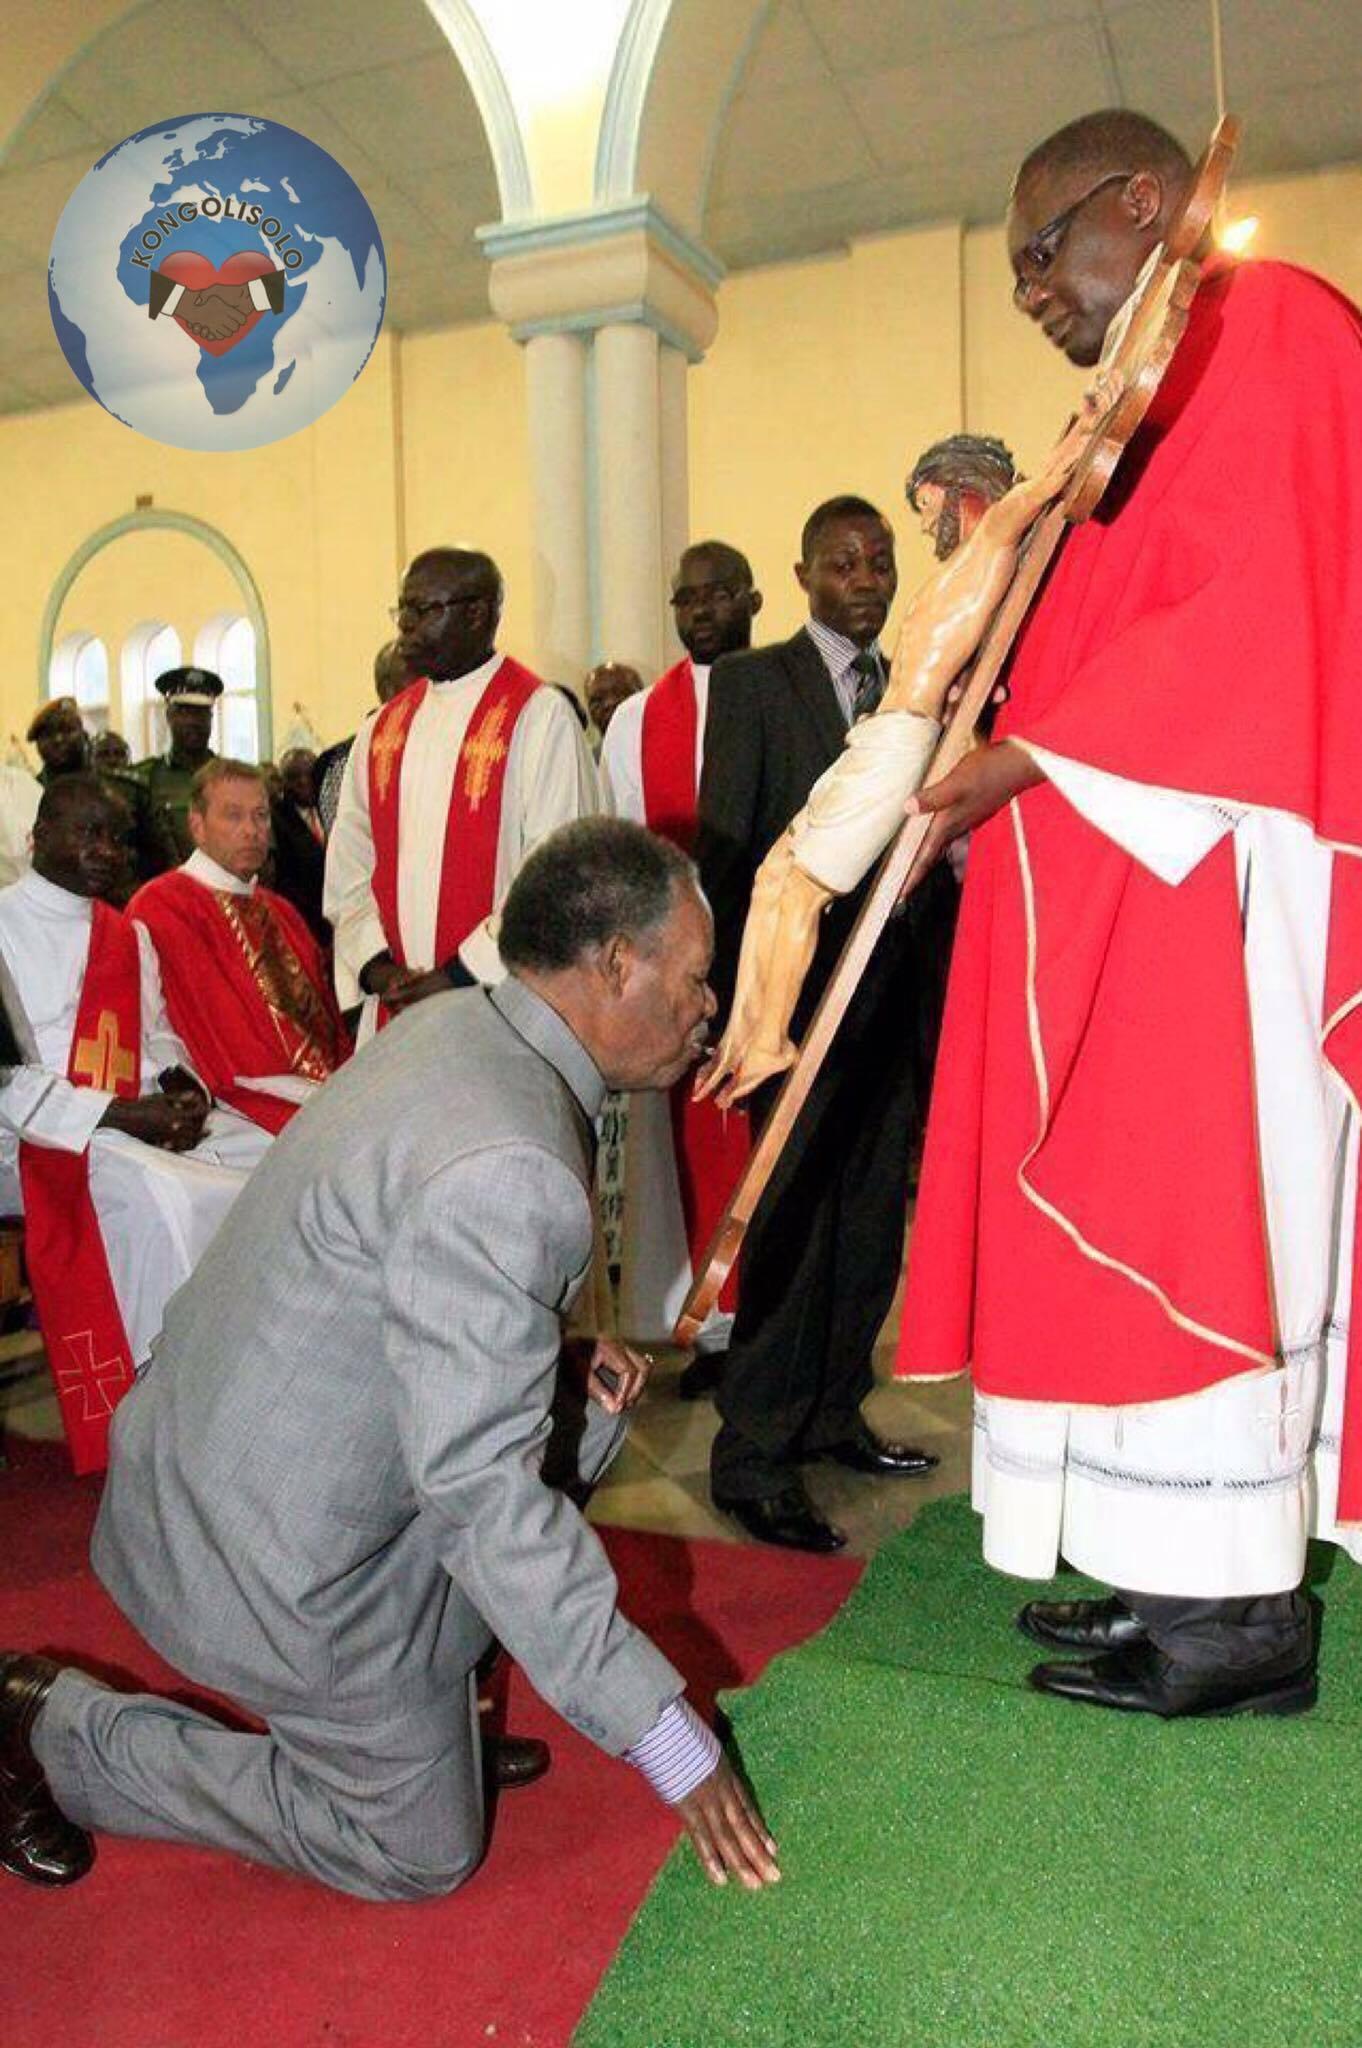 La castration mentale a bien fonctionné chez certains de nos frères et soeurs (Africains)